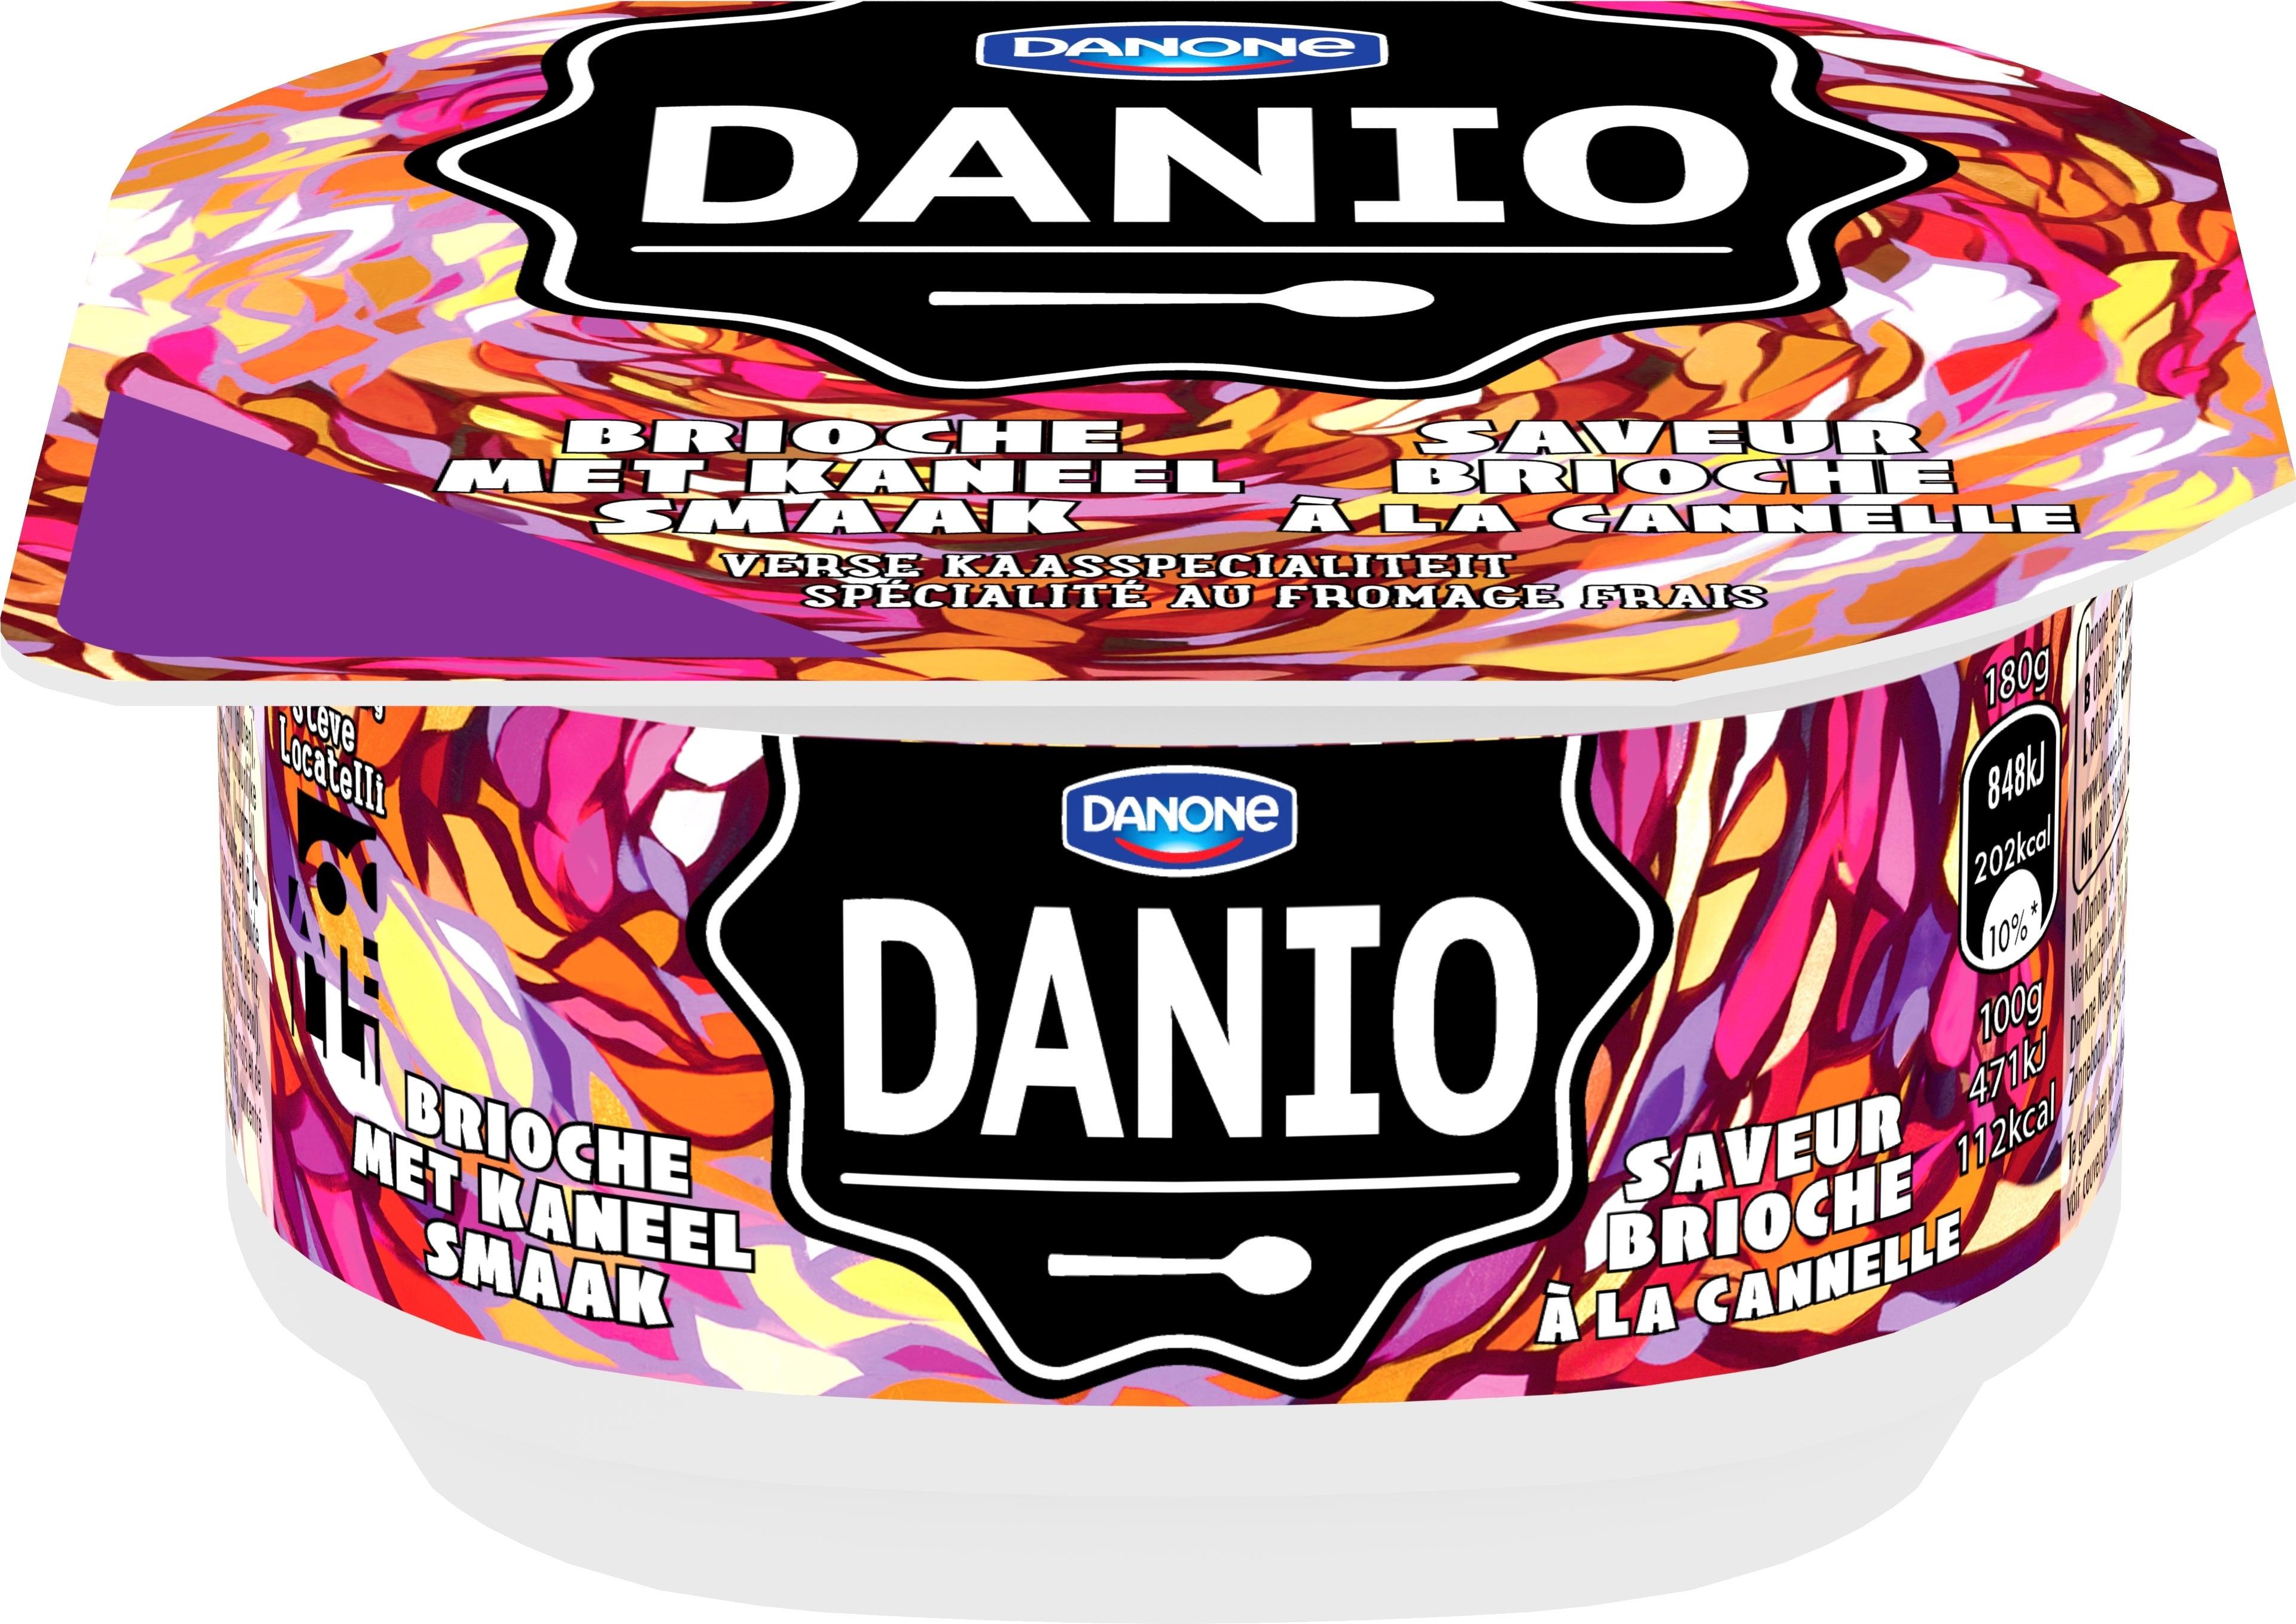 Danio Brioche met Kaneel Smaak 180g